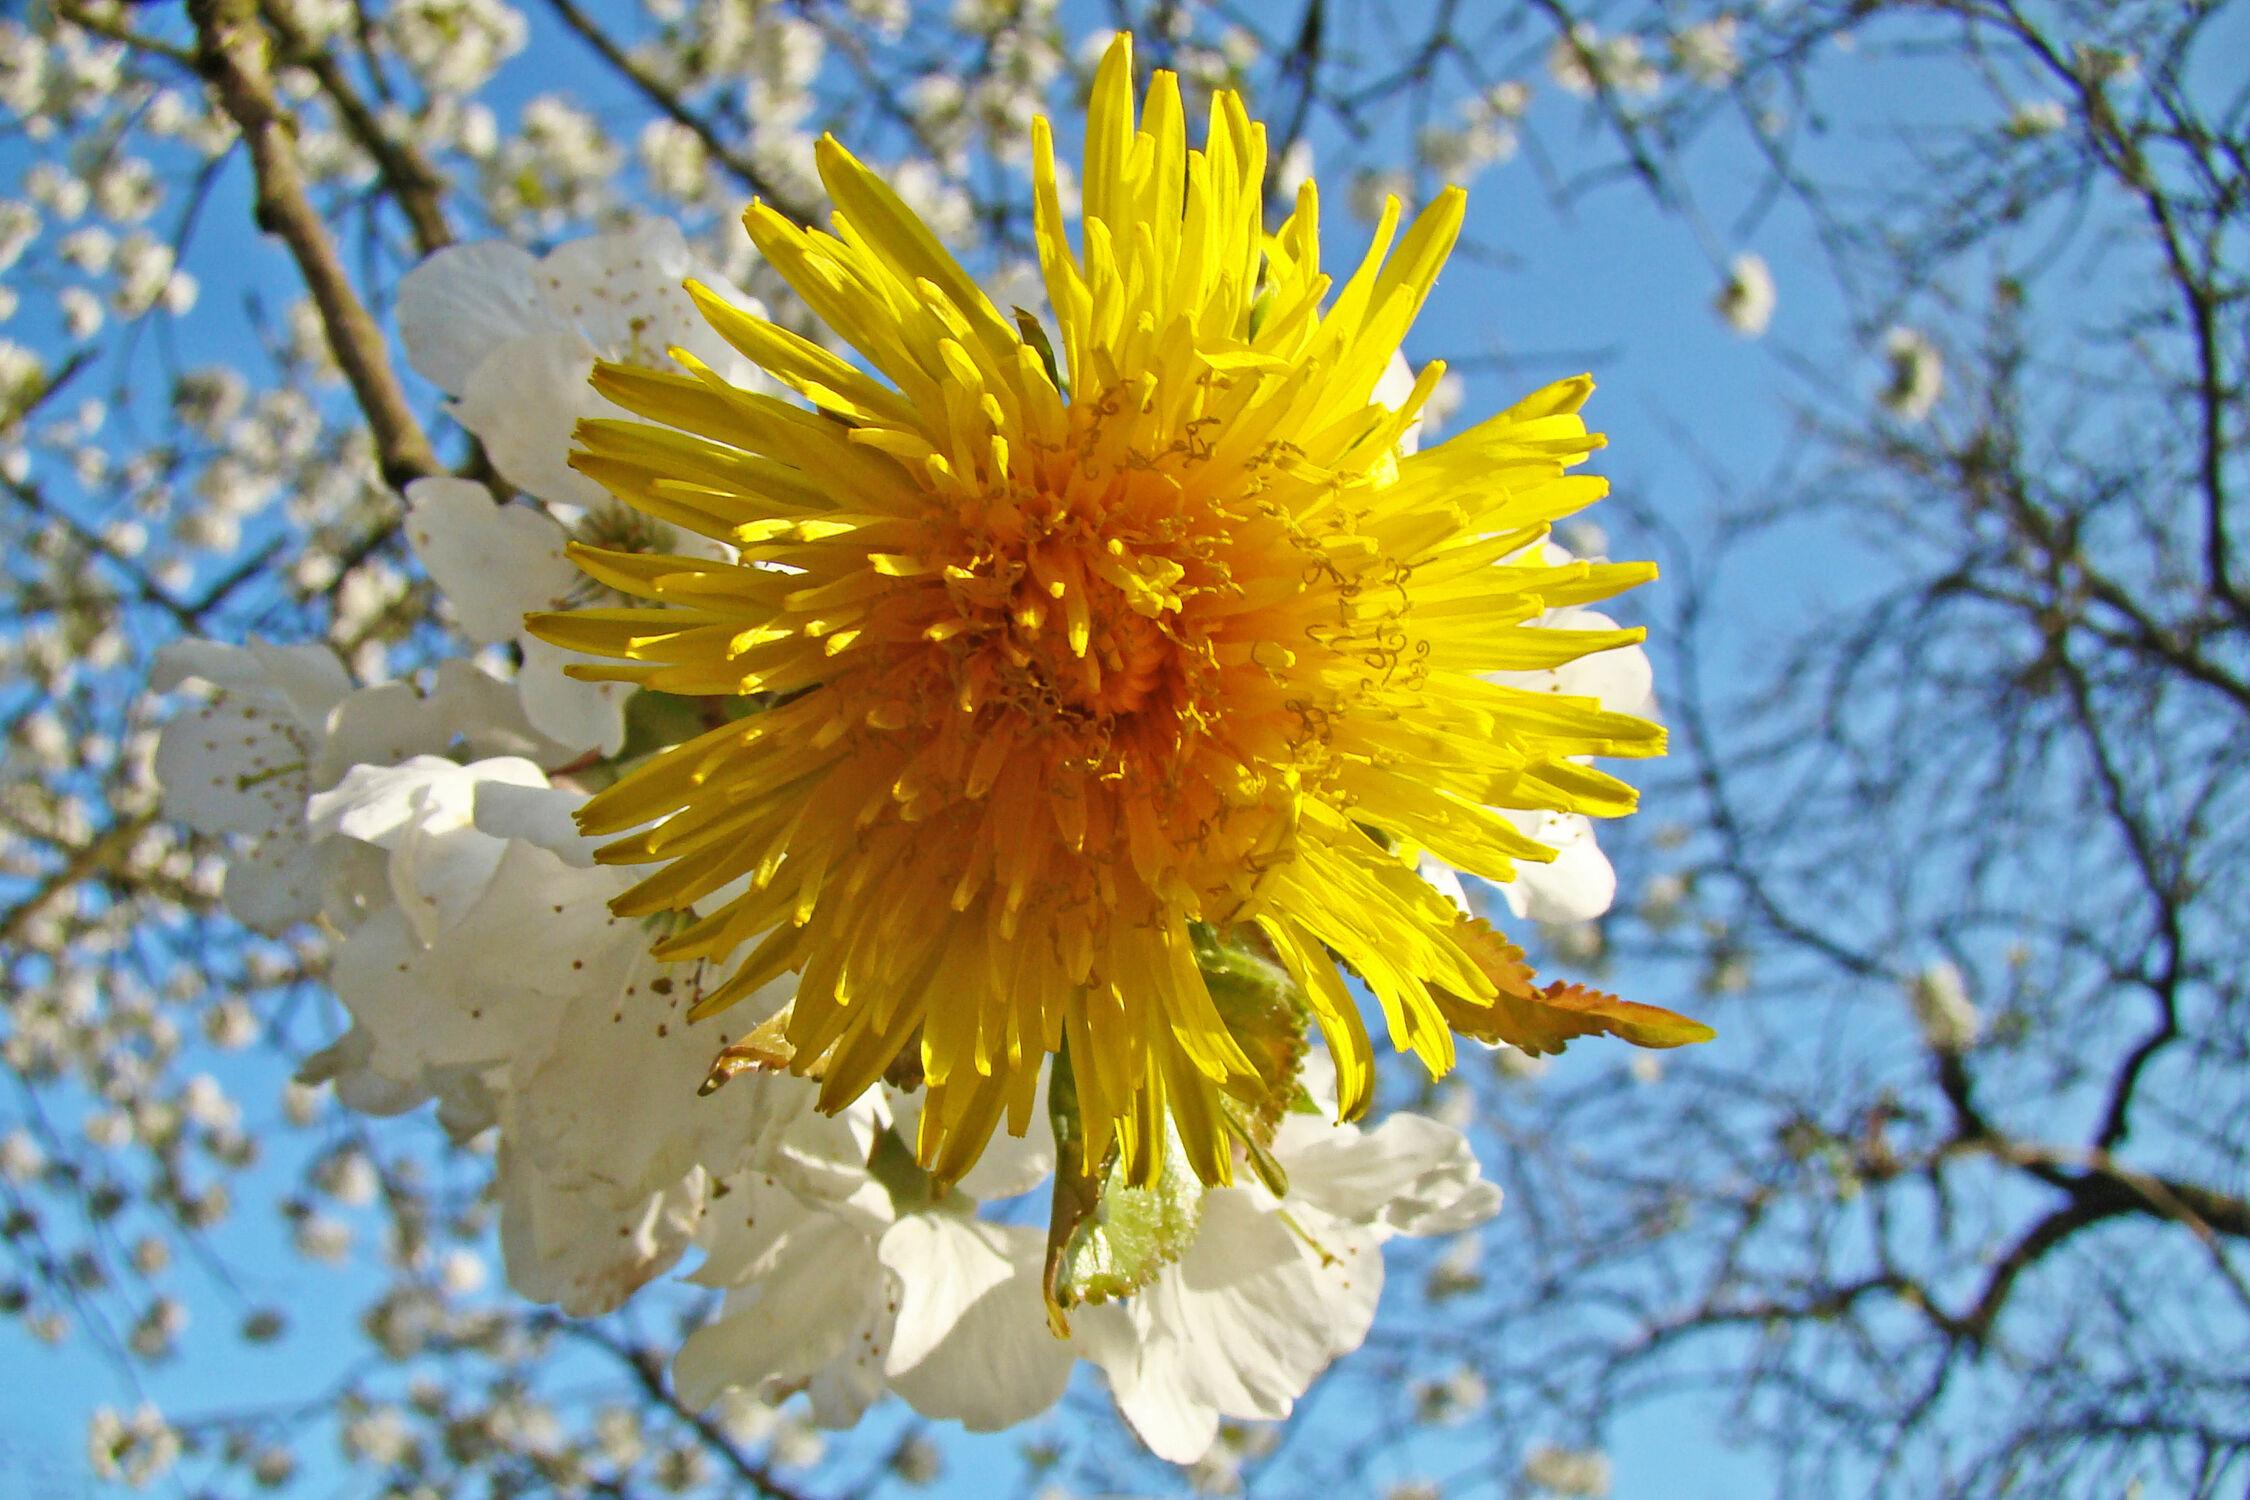 Bild mit Himmel, Blumen, Blume, Löwenzahn, blühender Kirschbaum, Kirschblüten, Blüten, blüte, Kirschblüte